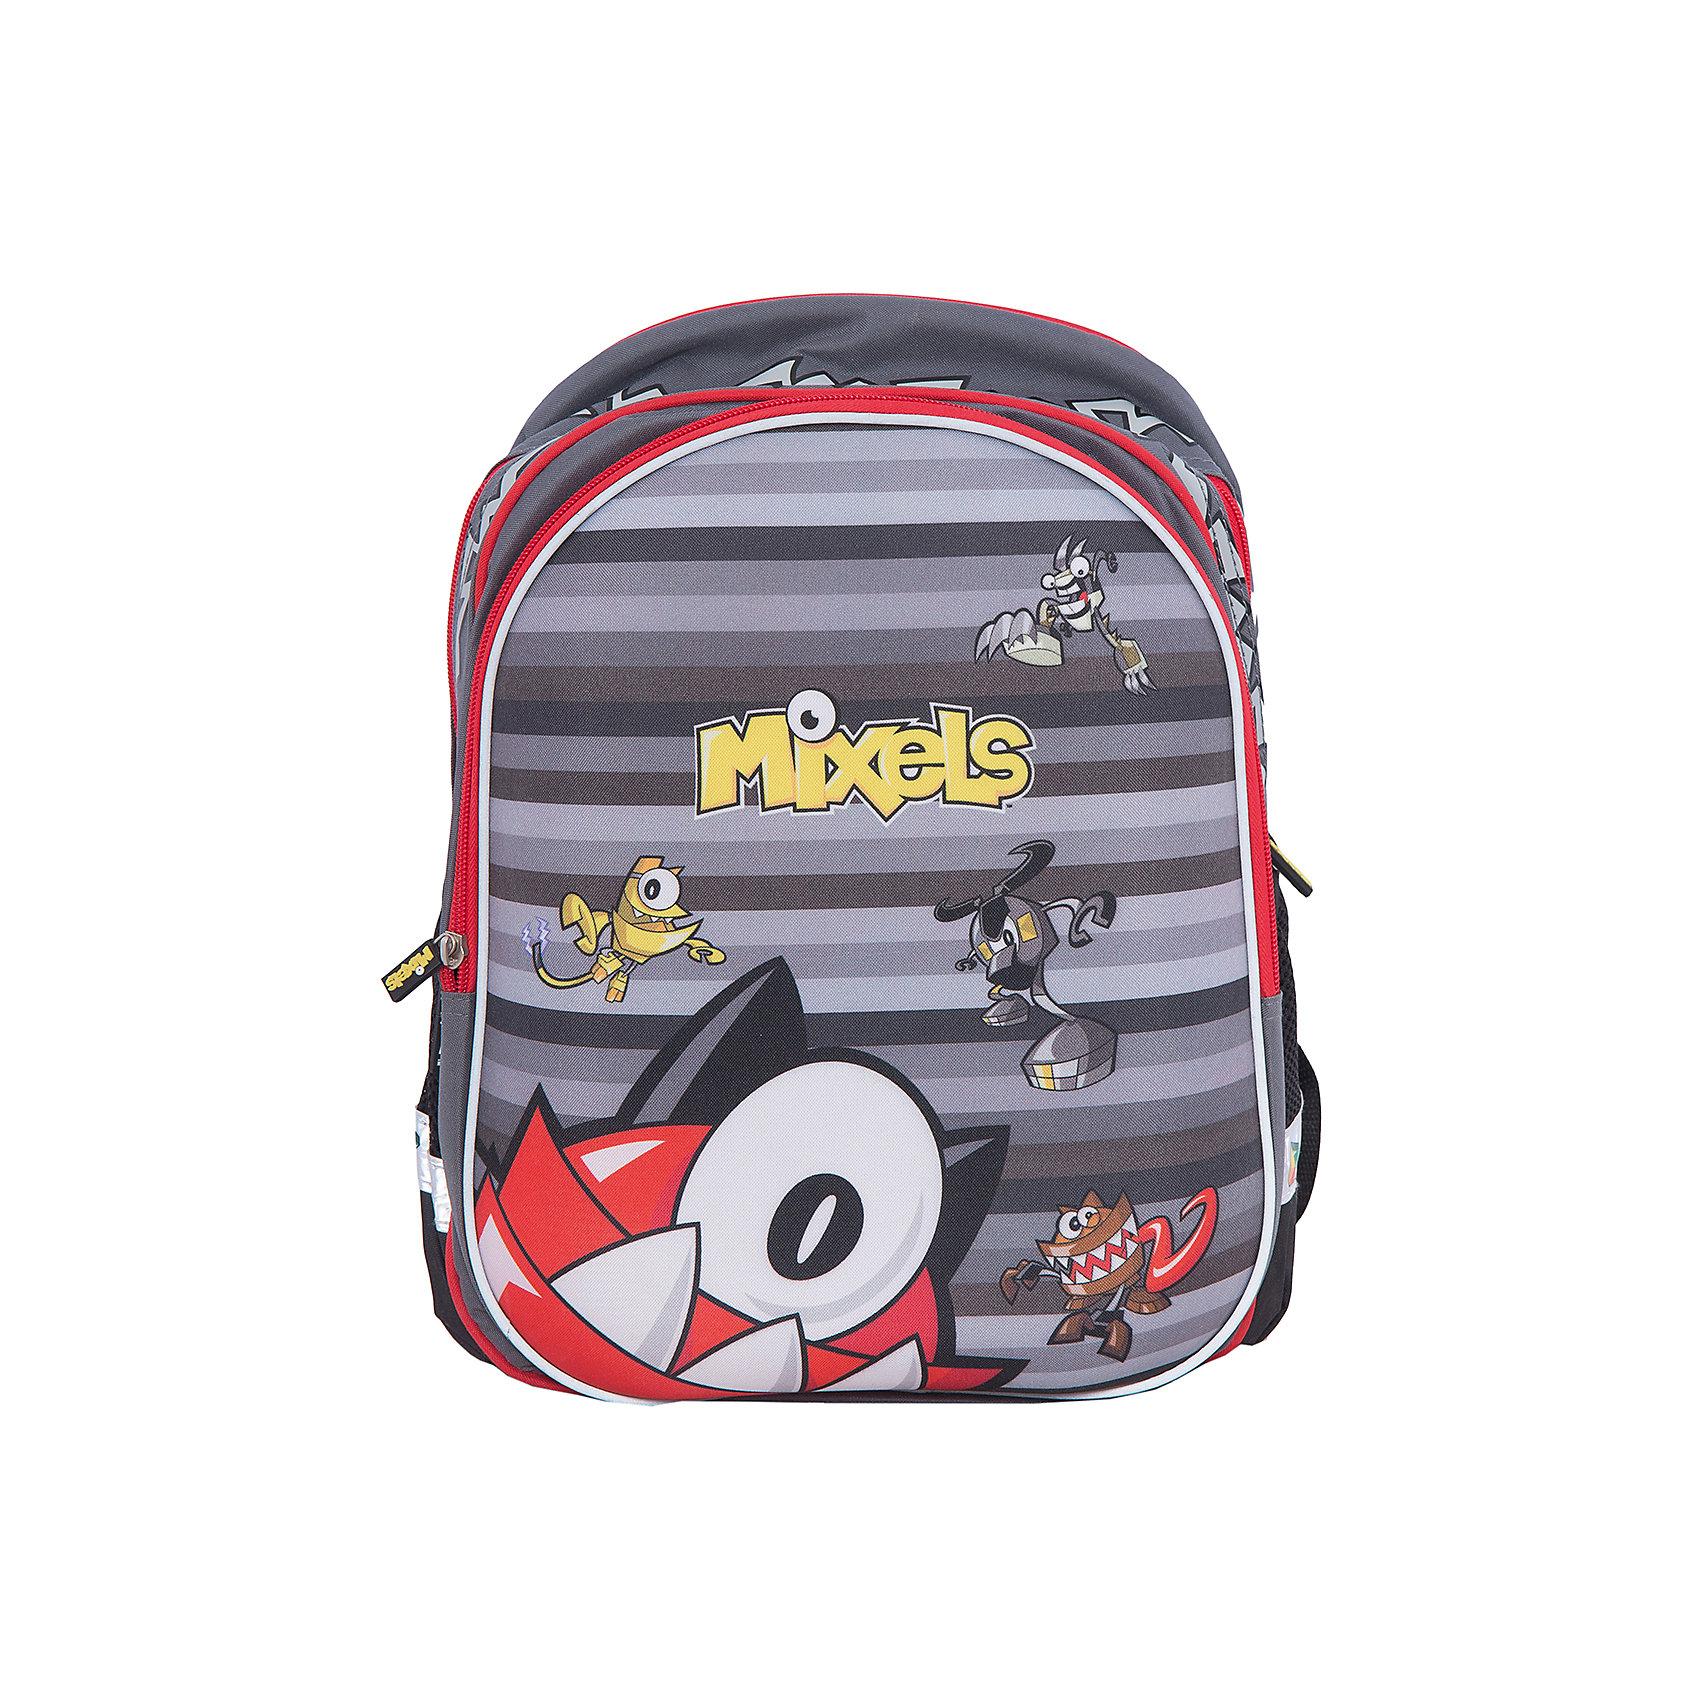 Школьный ранец Super bagРюкзаки<br>Ранец Super bag – это удобная форма, практичность, отличное качество и оптимальный вес.<br>Ранец Super bag – это удобный, вместительный, надежный и функциональный ранец. В этой модели реализованы все требования позволяющие, носить ранец с удобством и максимальным комфортом. Жесткий корпус, ортопедическая спинка помогают равномерно распределить вес ранца. Широкие уплотненные регулируемые лямки позволяют адаптировать ранец к изменению роста ребенка. Ранец имеет два больших отделения на молнии, внутреннее отделение для тетрадей, два боковых кармана для бутылочки и зонтика. Бегунки застежек-молний украшены брелоками. Предусмотрена удобная ручка для переноски ранца. Светоотражающие полосы сделают ребенка заметным на проезжей части в темное время суток и в сумерках.<br><br>Дополнительная информация:<br><br>- Размер упаковки: 30х39х20 см.<br>- Вес в упаковки: 900 гр.<br><br>Ранец Super bag можно купить в нашем интернет-магазине.<br><br>Ширина мм: 300<br>Глубина мм: 390<br>Высота мм: 200<br>Вес г: 900<br>Возраст от месяцев: 48<br>Возраст до месяцев: 96<br>Пол: Унисекс<br>Возраст: Детский<br>SKU: 4700030